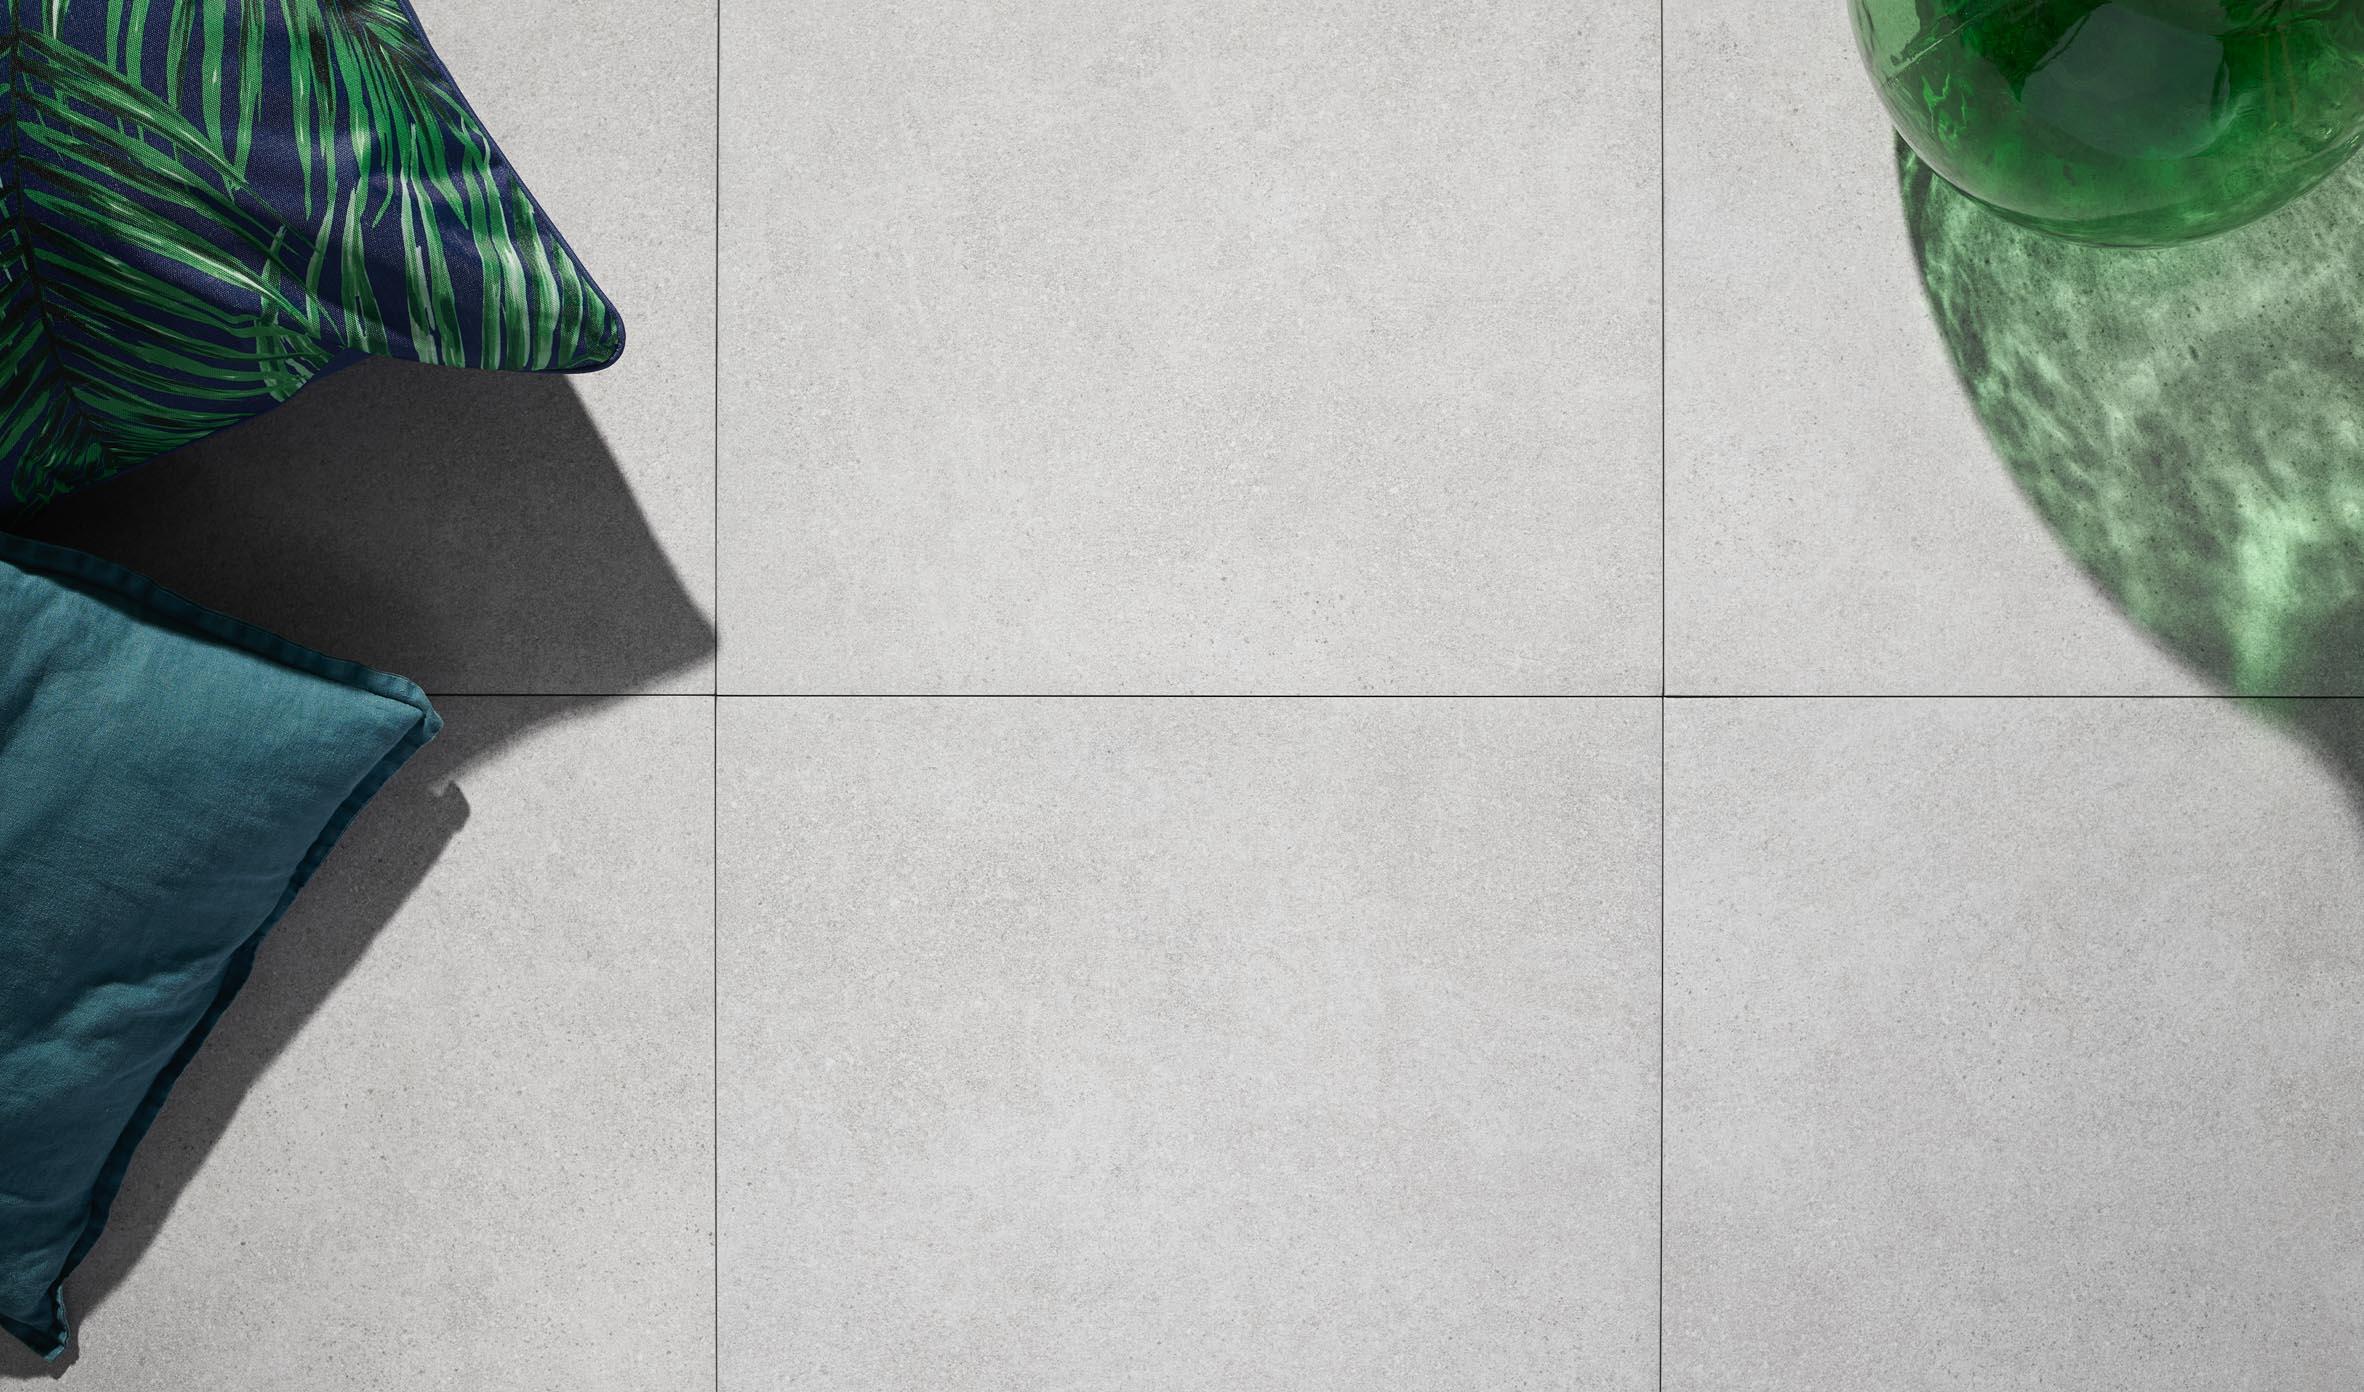 Porcelain-Pavers-Outdoor-20 Thumbnails porcelain-pavers-outdoor-20-20